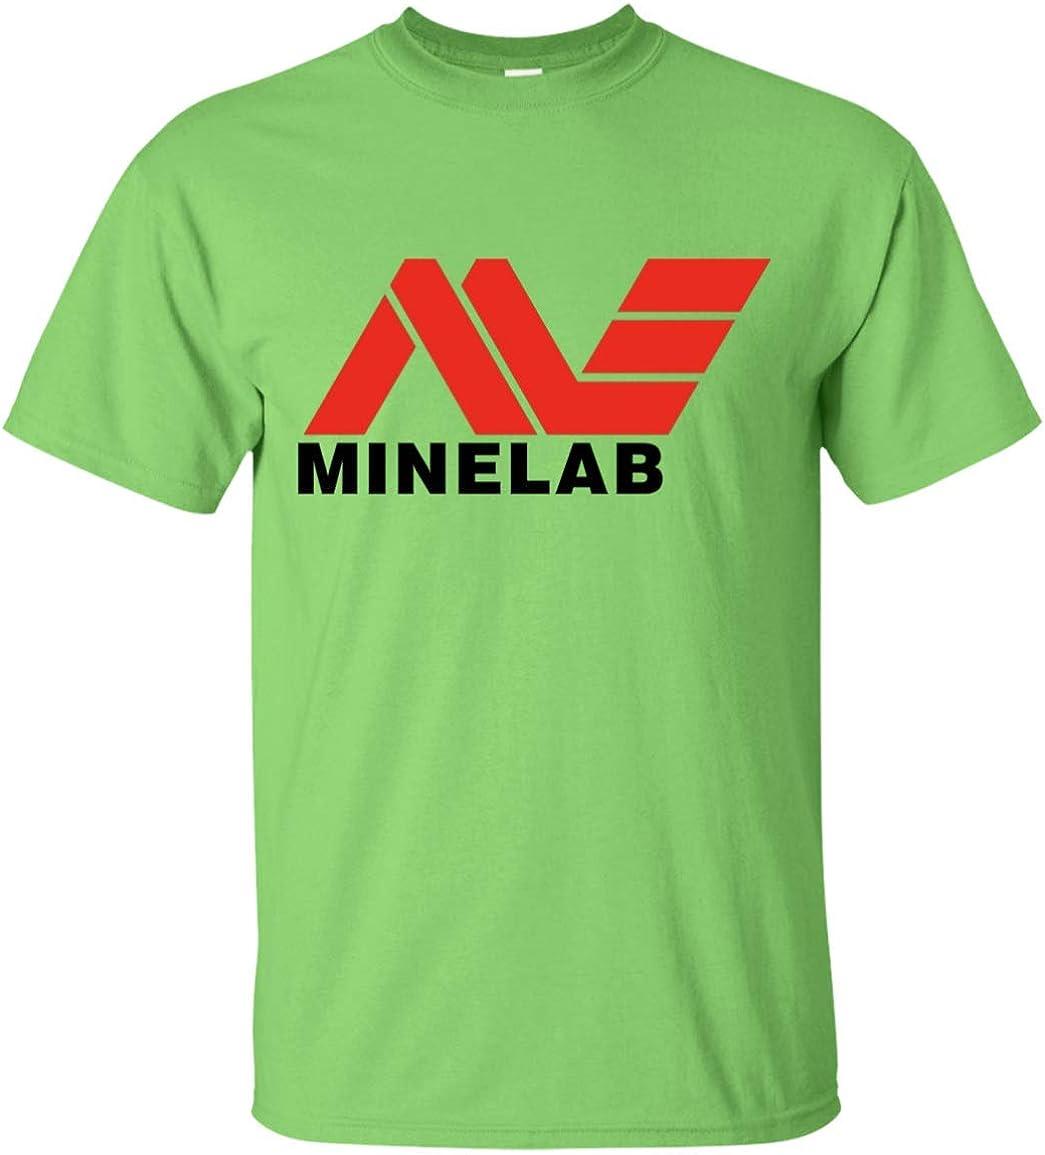 teelaunch Minelab - Camiseta con Logo de Detección de Metal, Color Negro - Blanco - Medium: Amazon.es: Ropa y accesorios